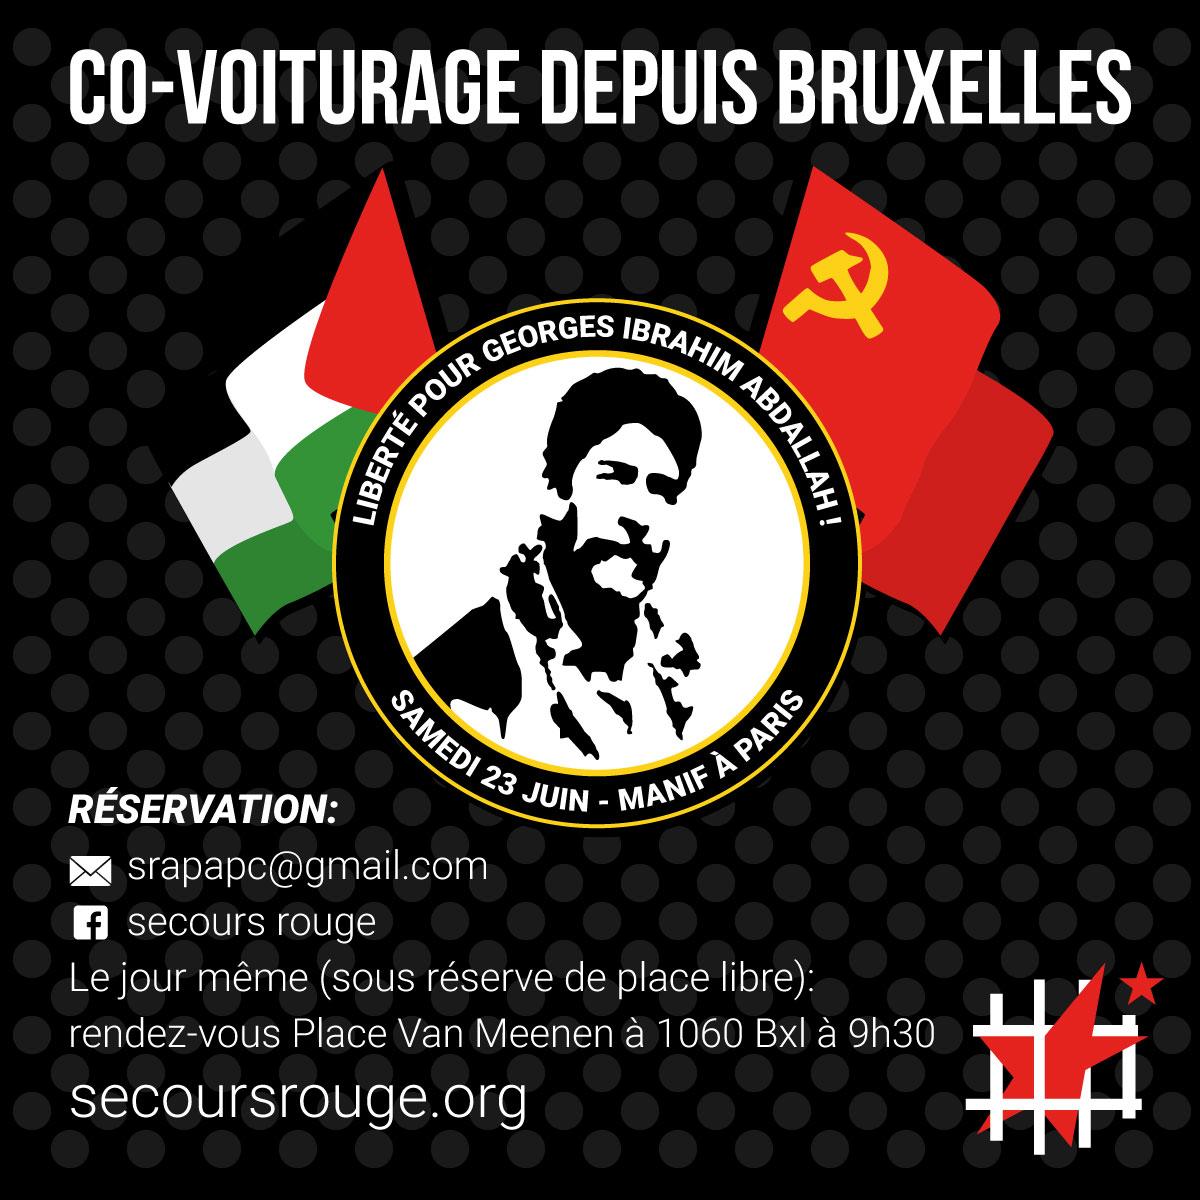 Co-voiturage pour la manifestation du 23 juin